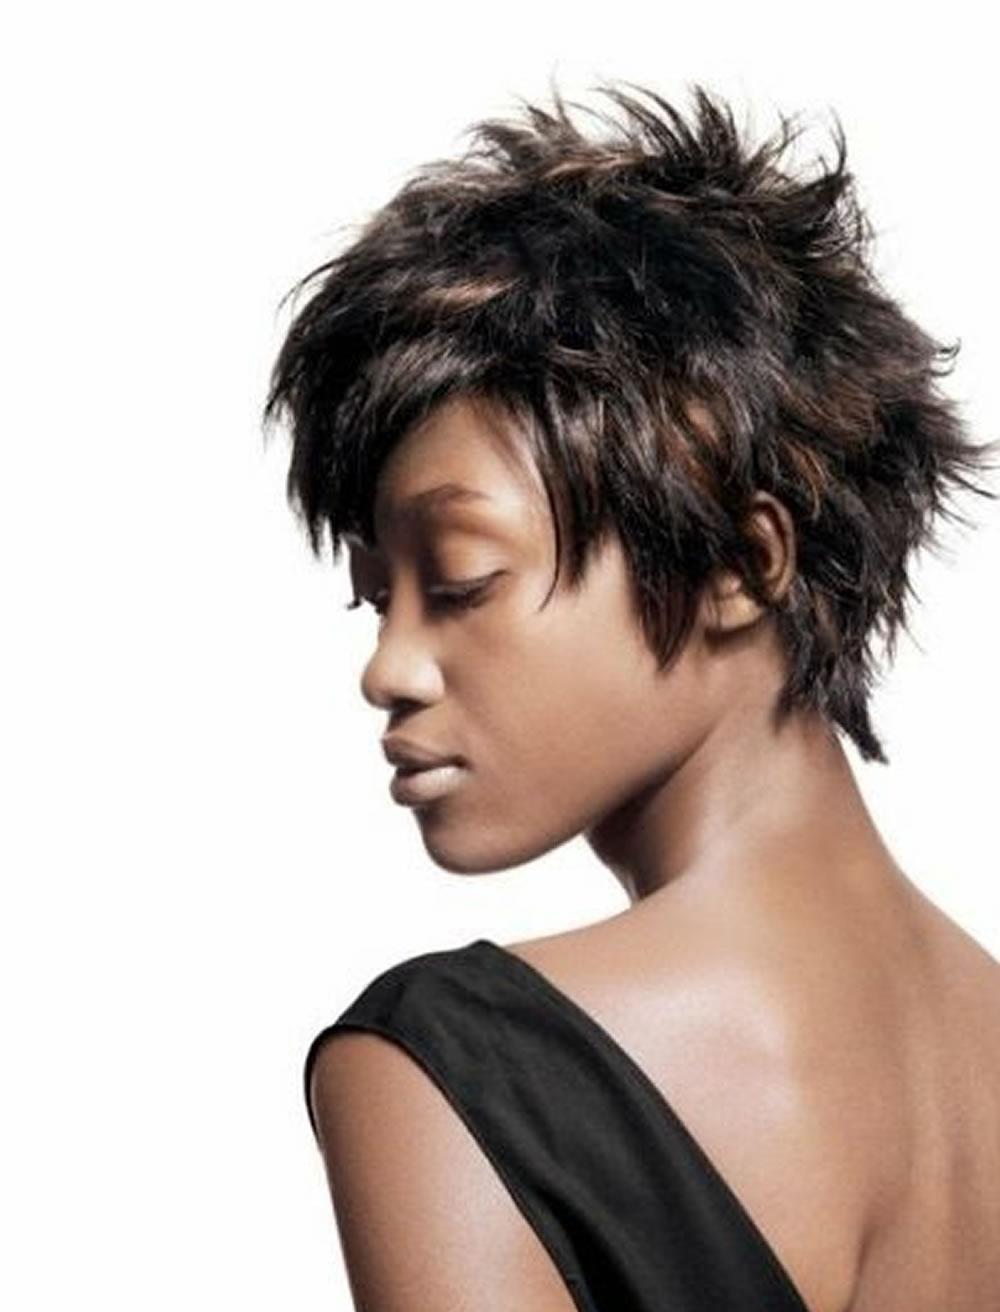 Glamorous Messy Short Haircut For Black Women – Hairstyles inside Messy Short Haircuts For Women